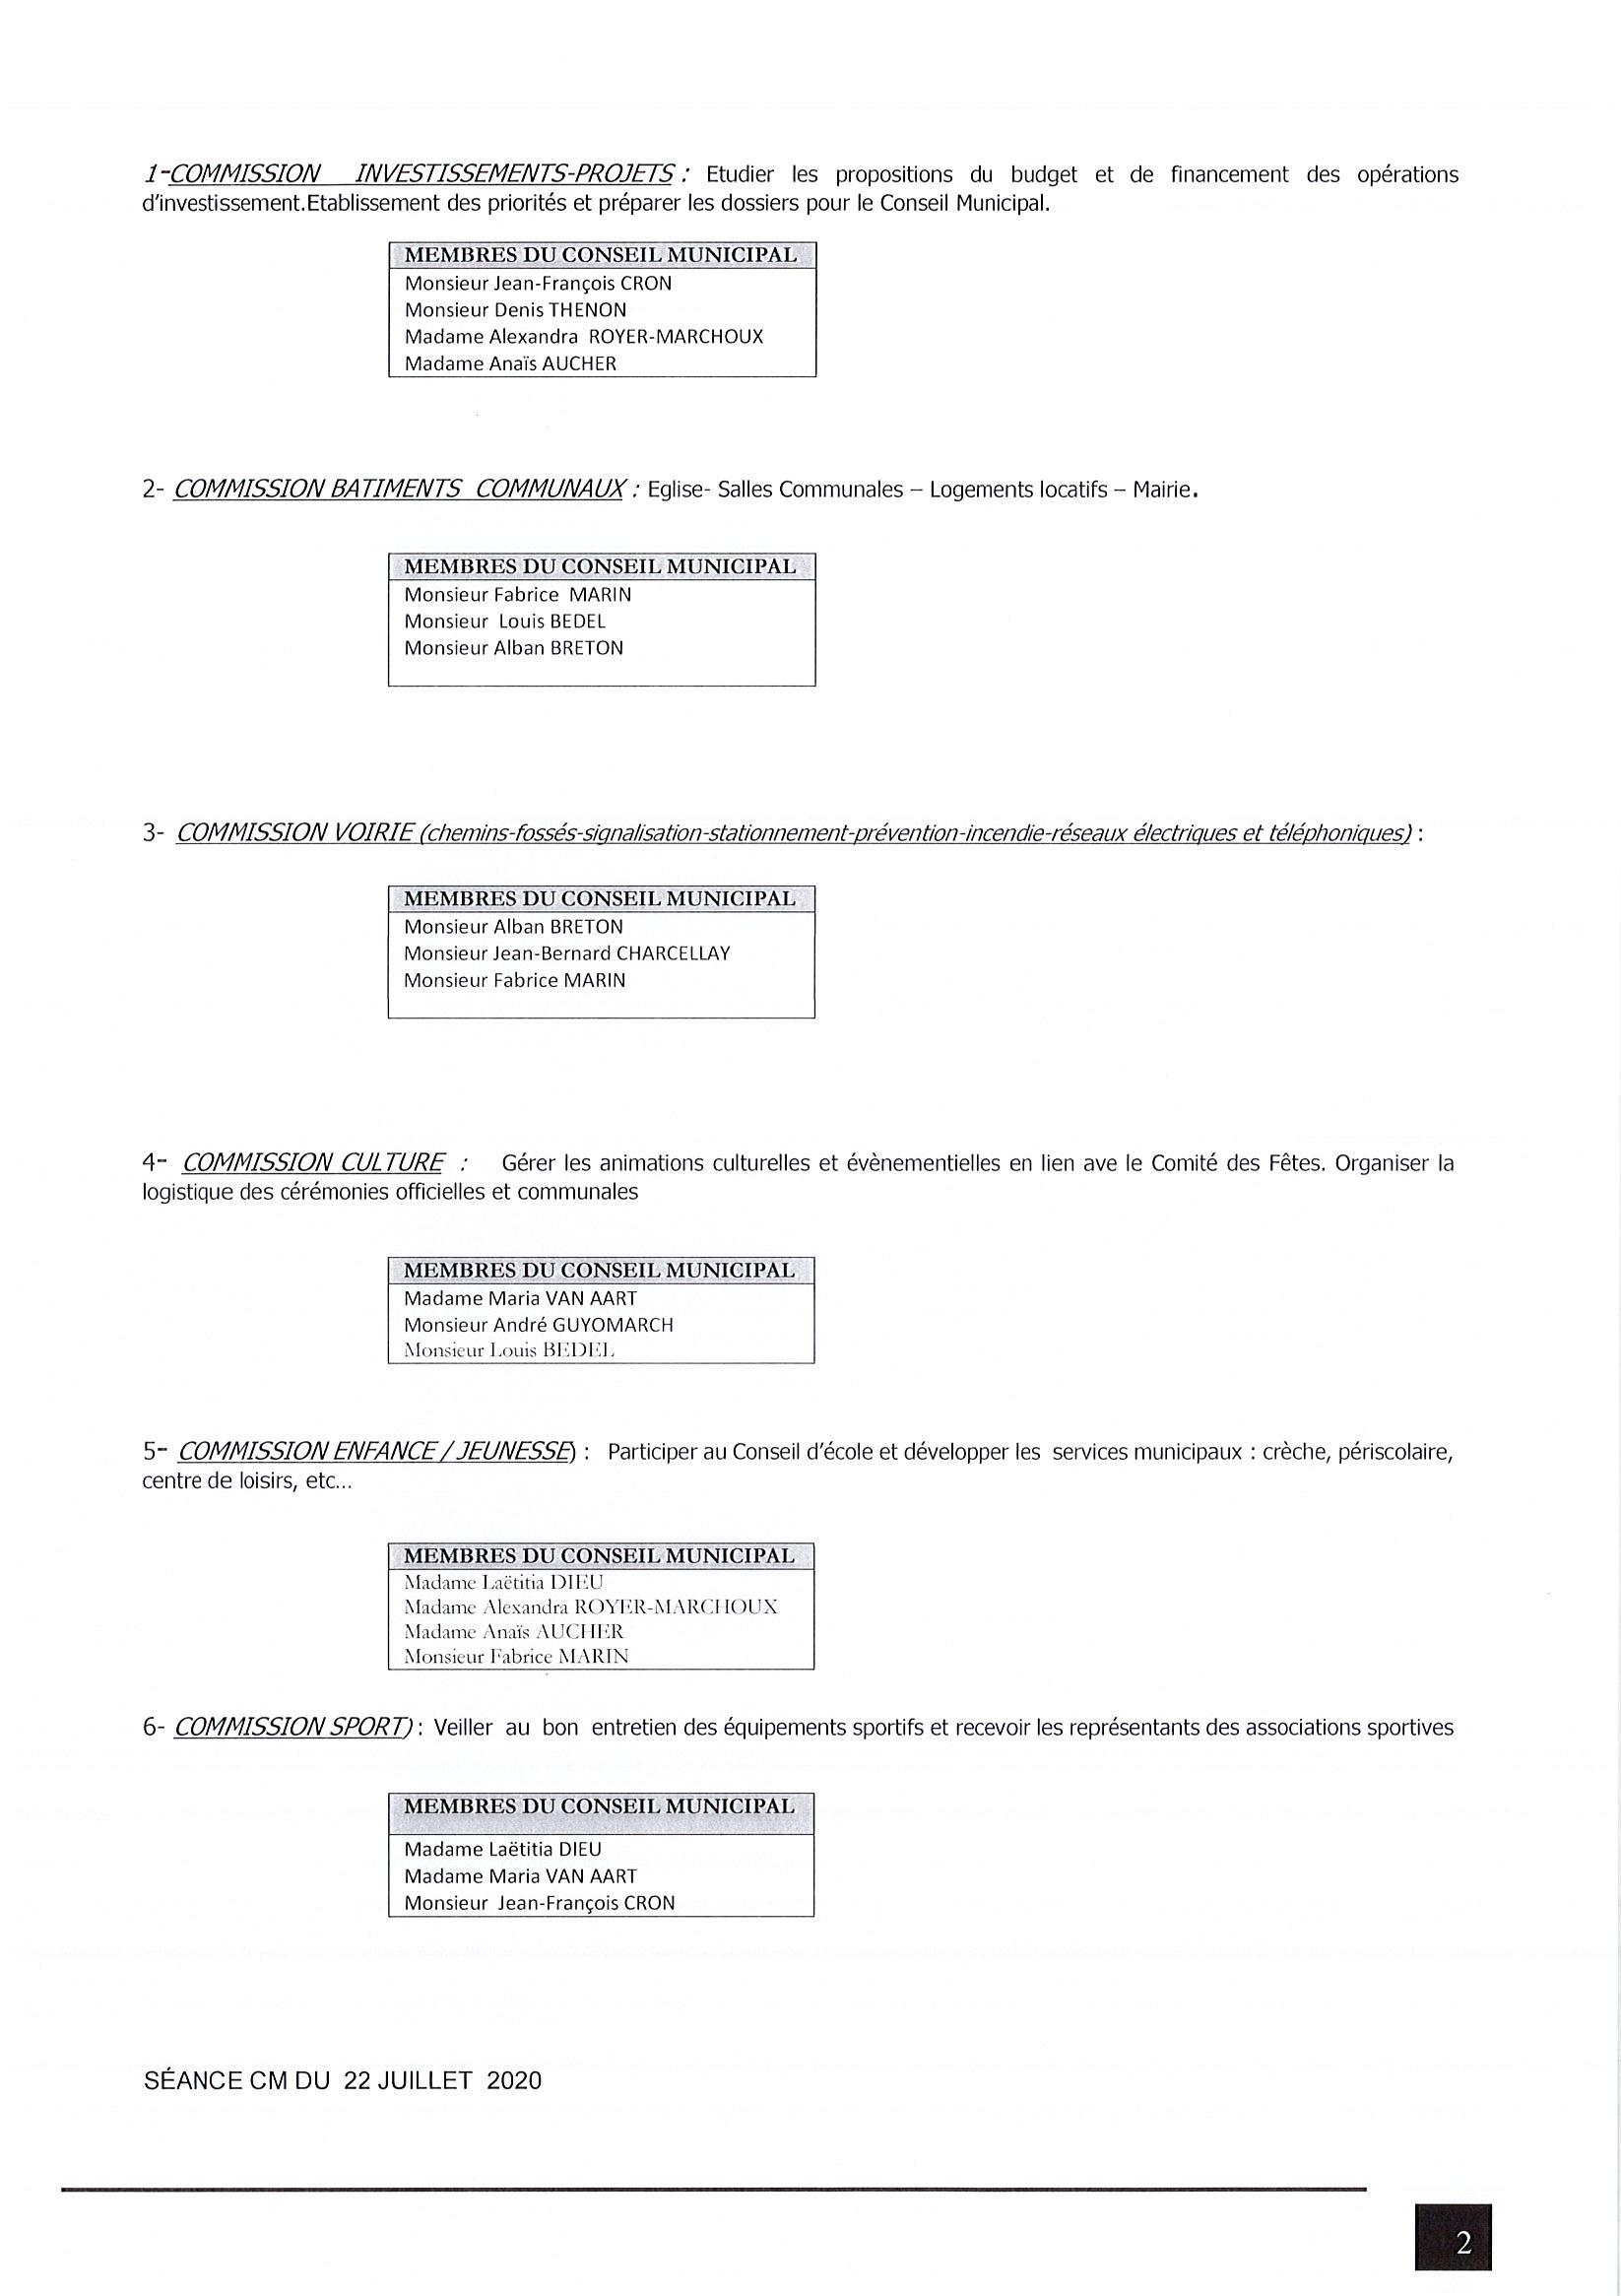 accueil/doc101120-10112020121830-0020.jpg